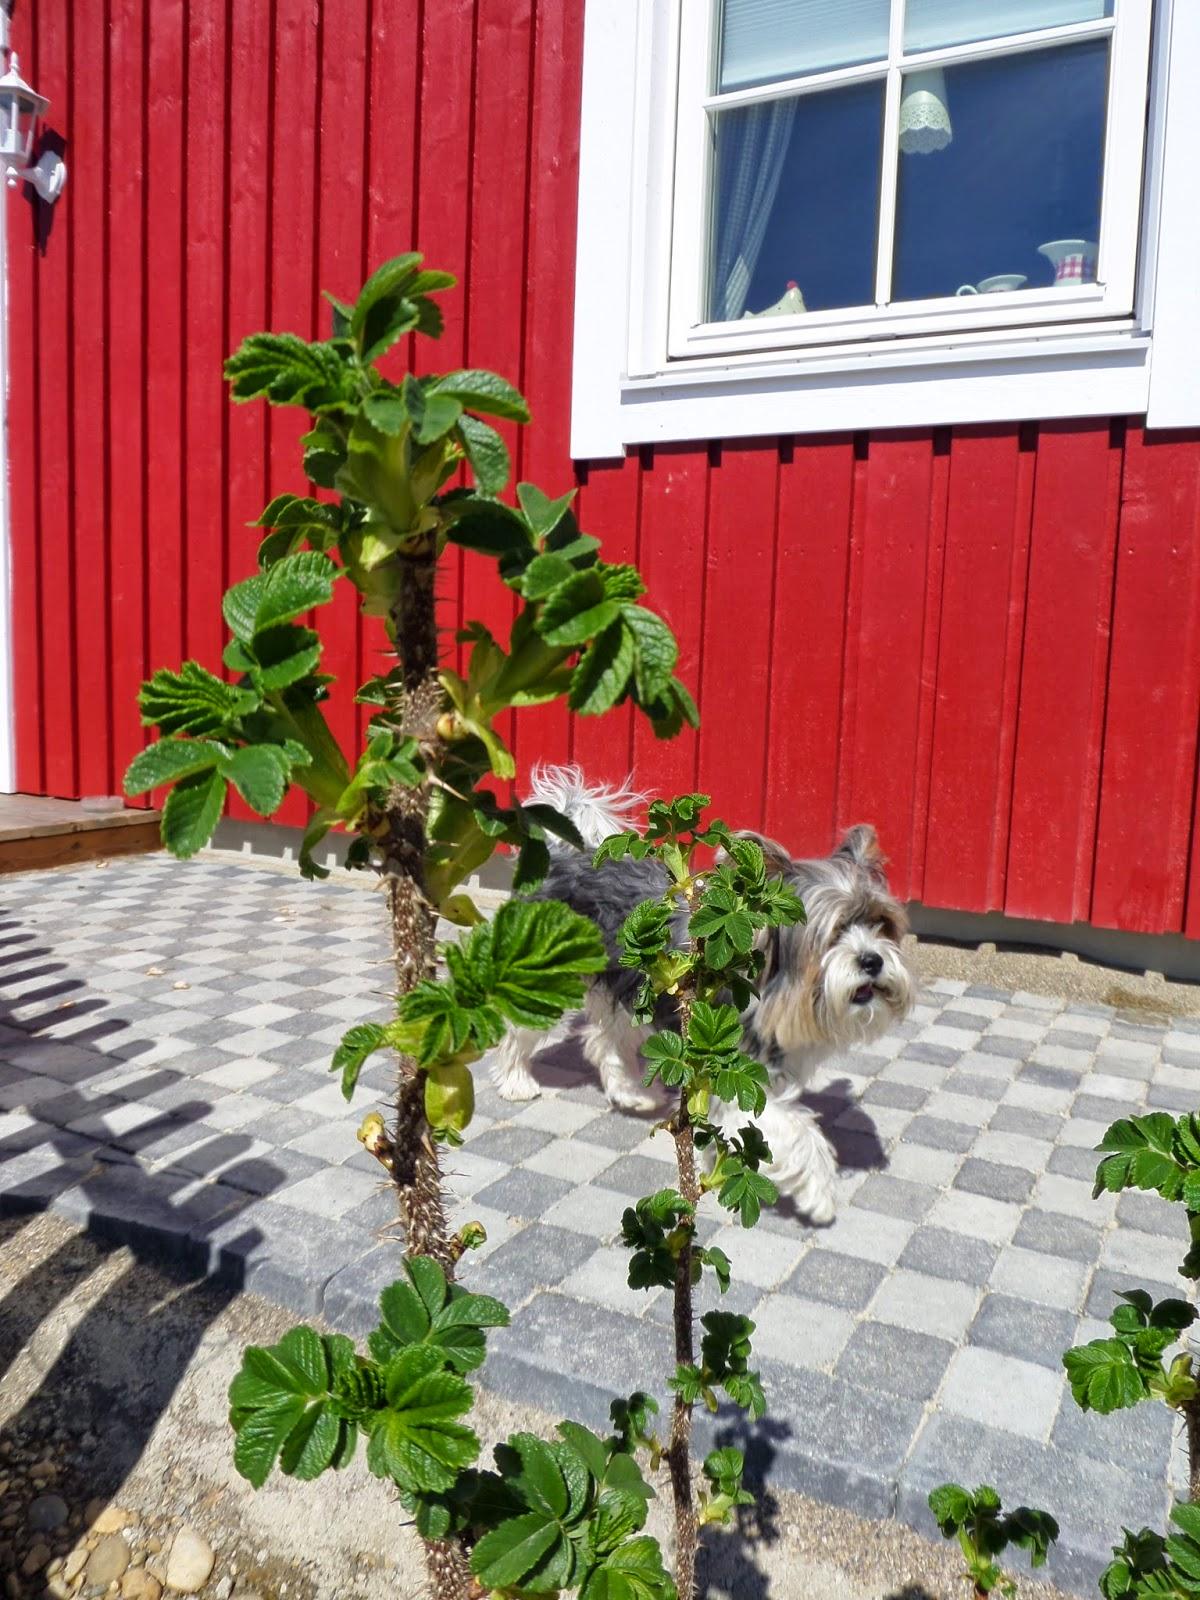 Schwedenhaus gartengestaltung  Kleine Lotta ~ Unser Schwedenhaus: Beginn der Arbeiten im Garten !!